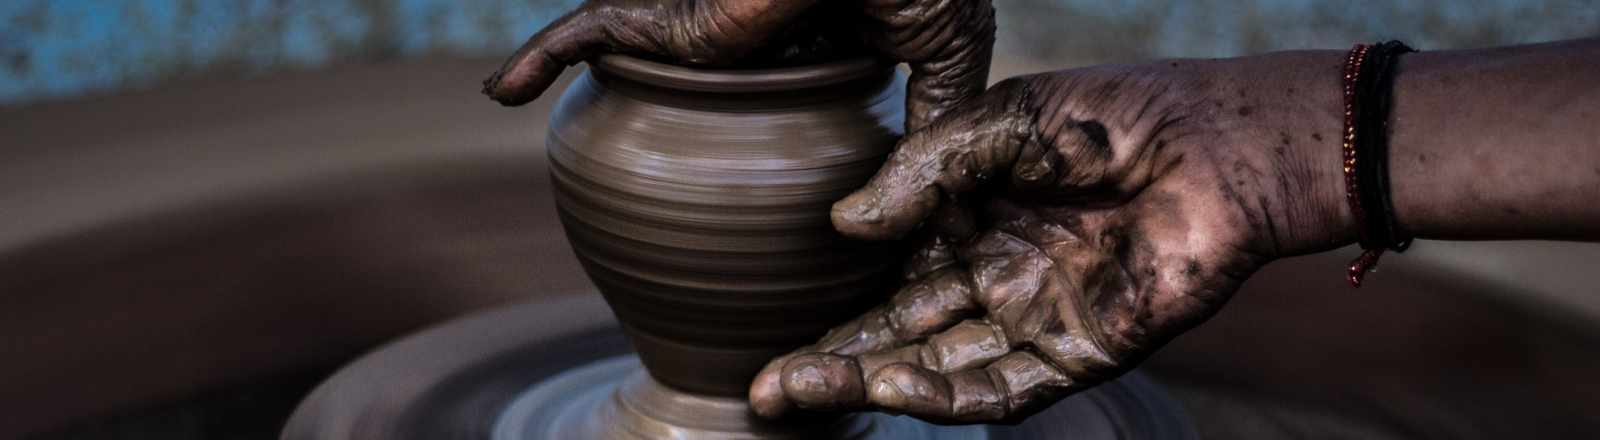 Zwei Hände töpfern ein Gefäß.